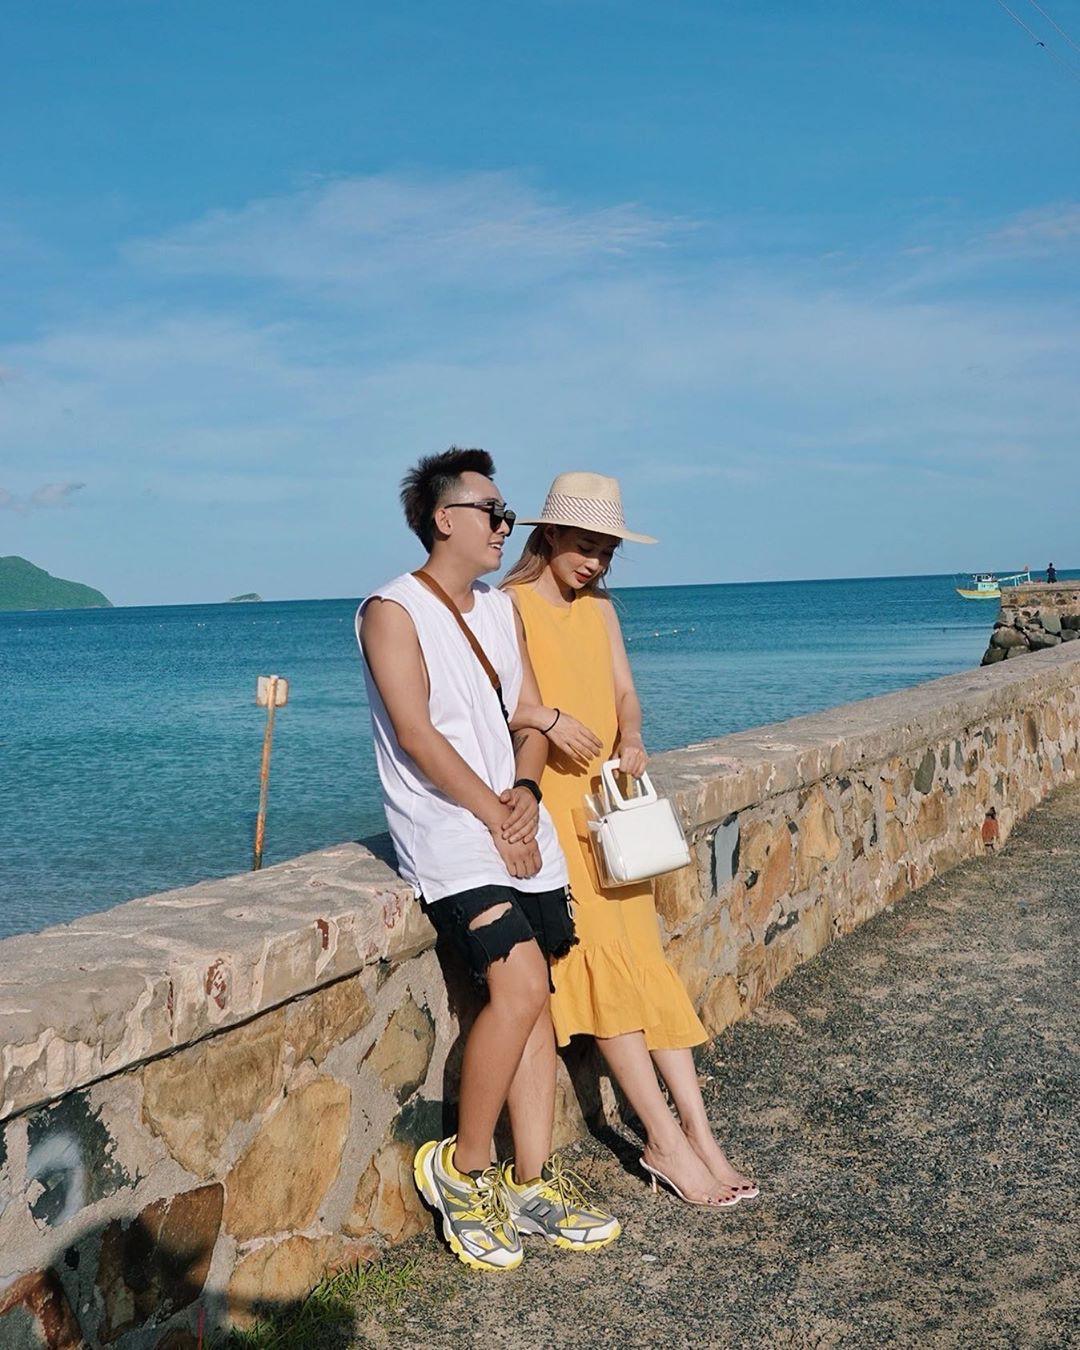 Ô! Chi Pu với hội bạn thân Quỳnh Anh Shyn - Phở - Sun HT du lịch Côn Đảo 3 ngày mà toàn thấy... ăn với ăn, đến khi về vẫn còn hẹn nhau làm bữa nữa - Ảnh 2.